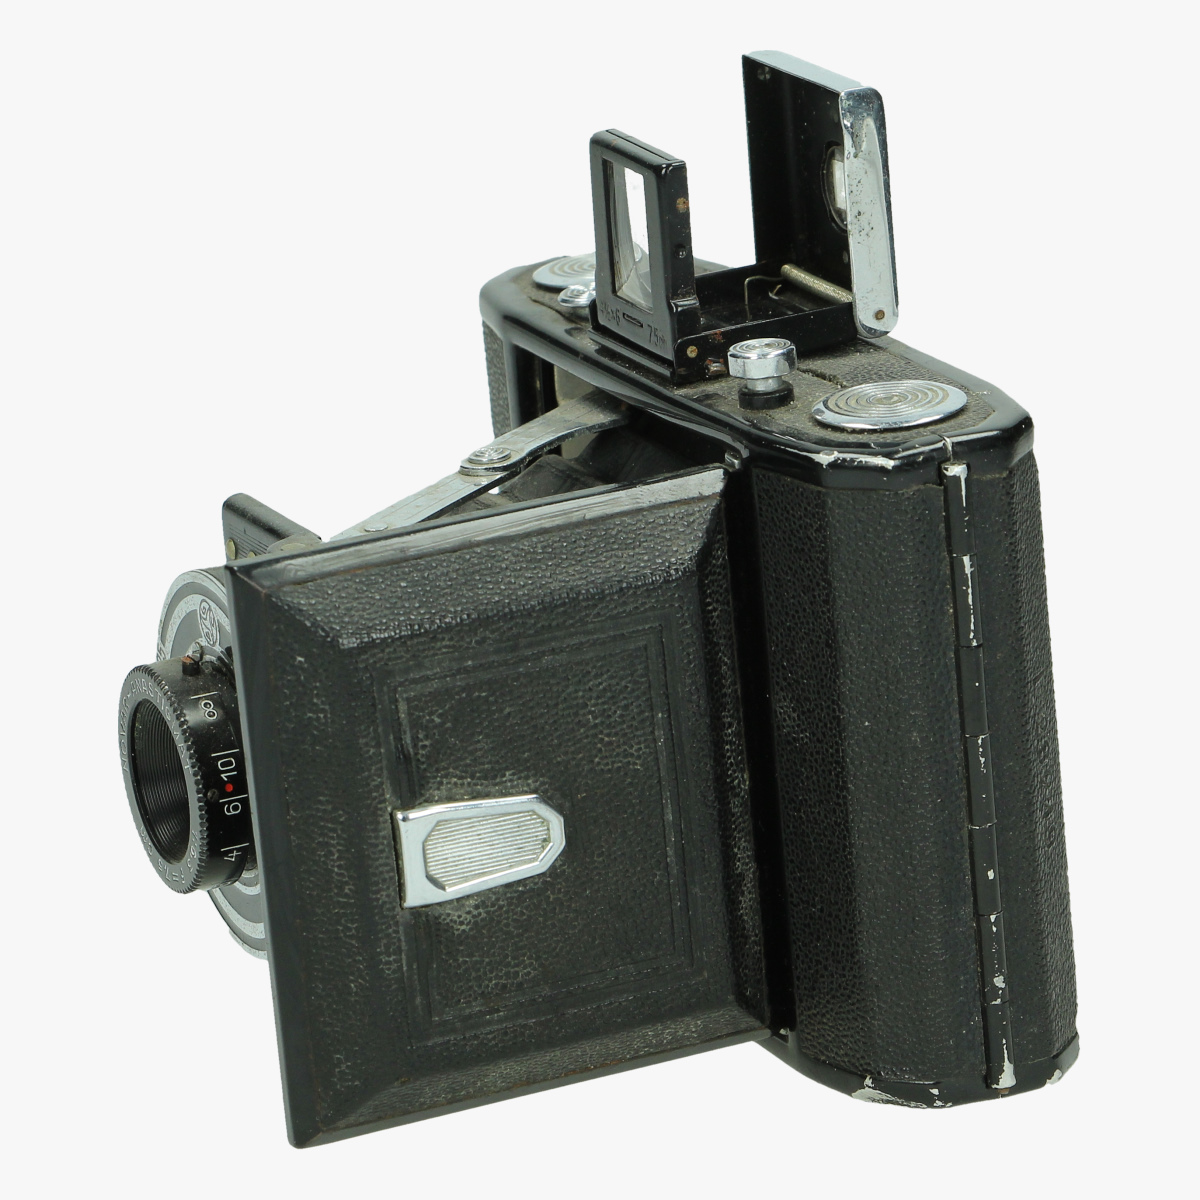 Afbeeldingen van fotocamera zeiss ikon derval